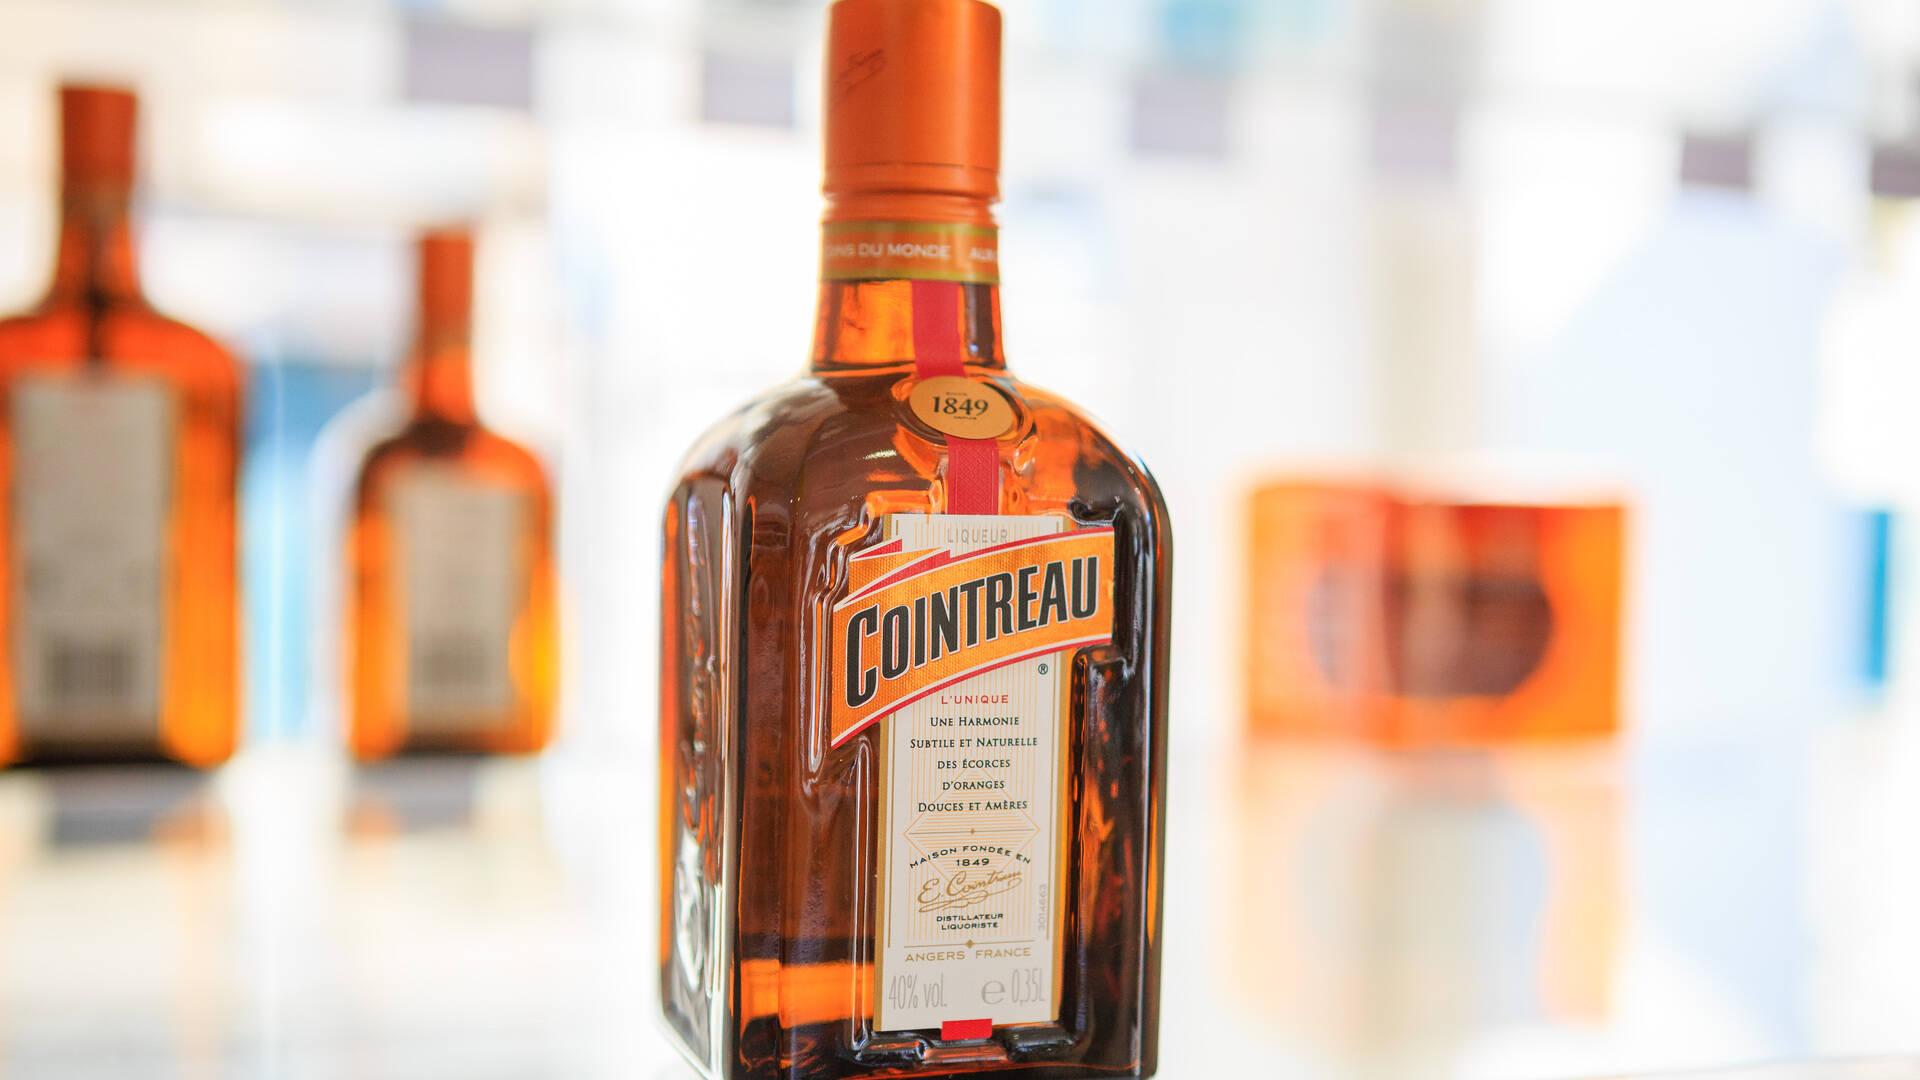 Bouteille de liqueur Cointreau